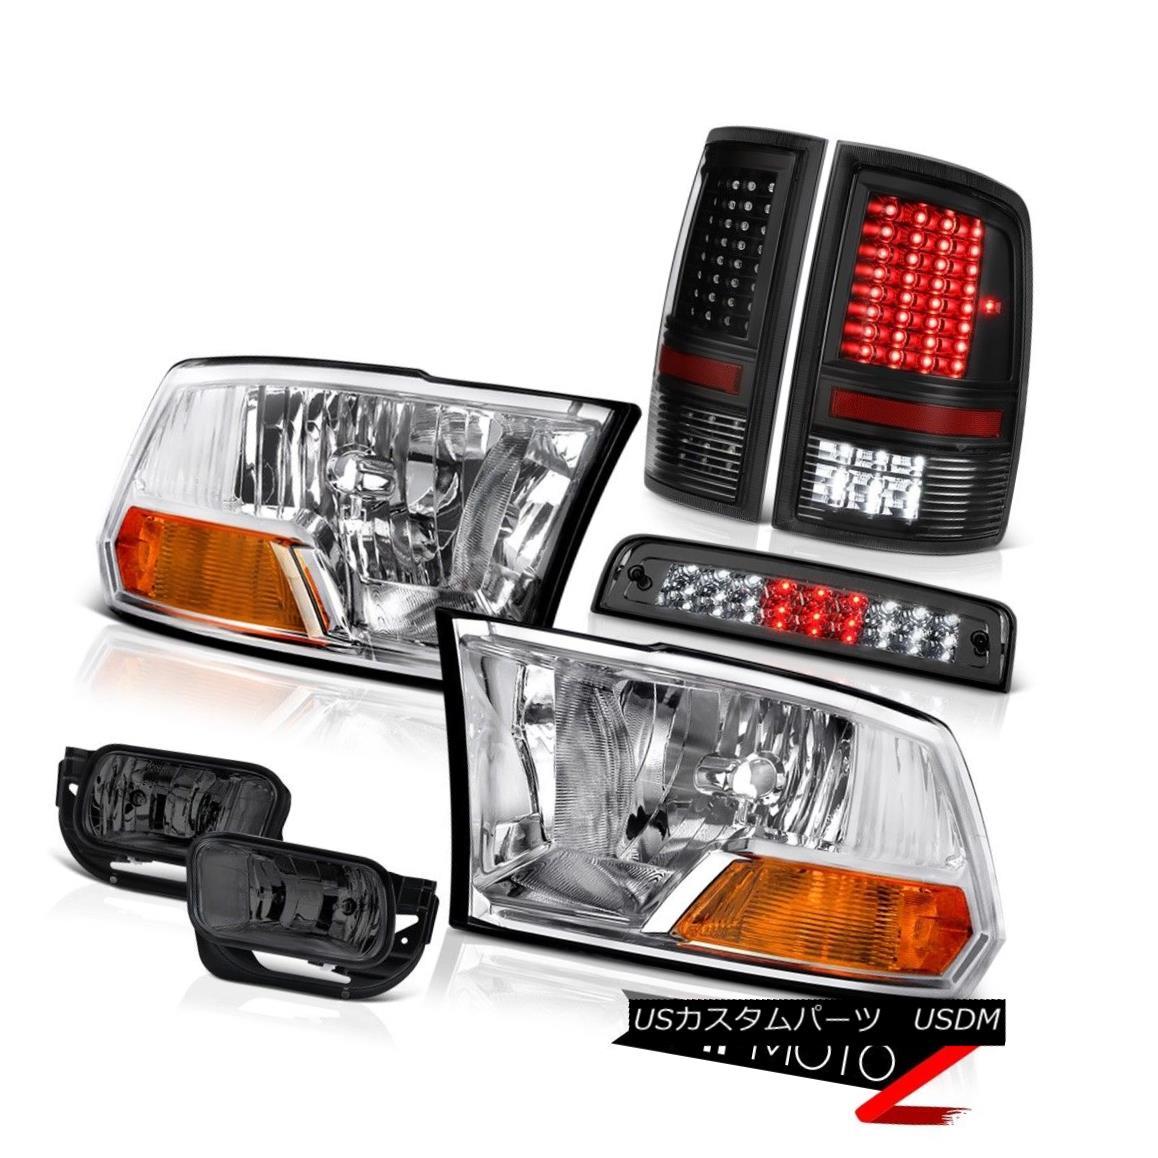 テールライト 2010-2018 Ram 3500 5.7L Taillights Fog Lights Roof Cab Lamp Headlights Oe STyle 2010-2018 Ram 3500 5.7L曇り灯ライトルーフキャブのランプヘッドライトOe STyle